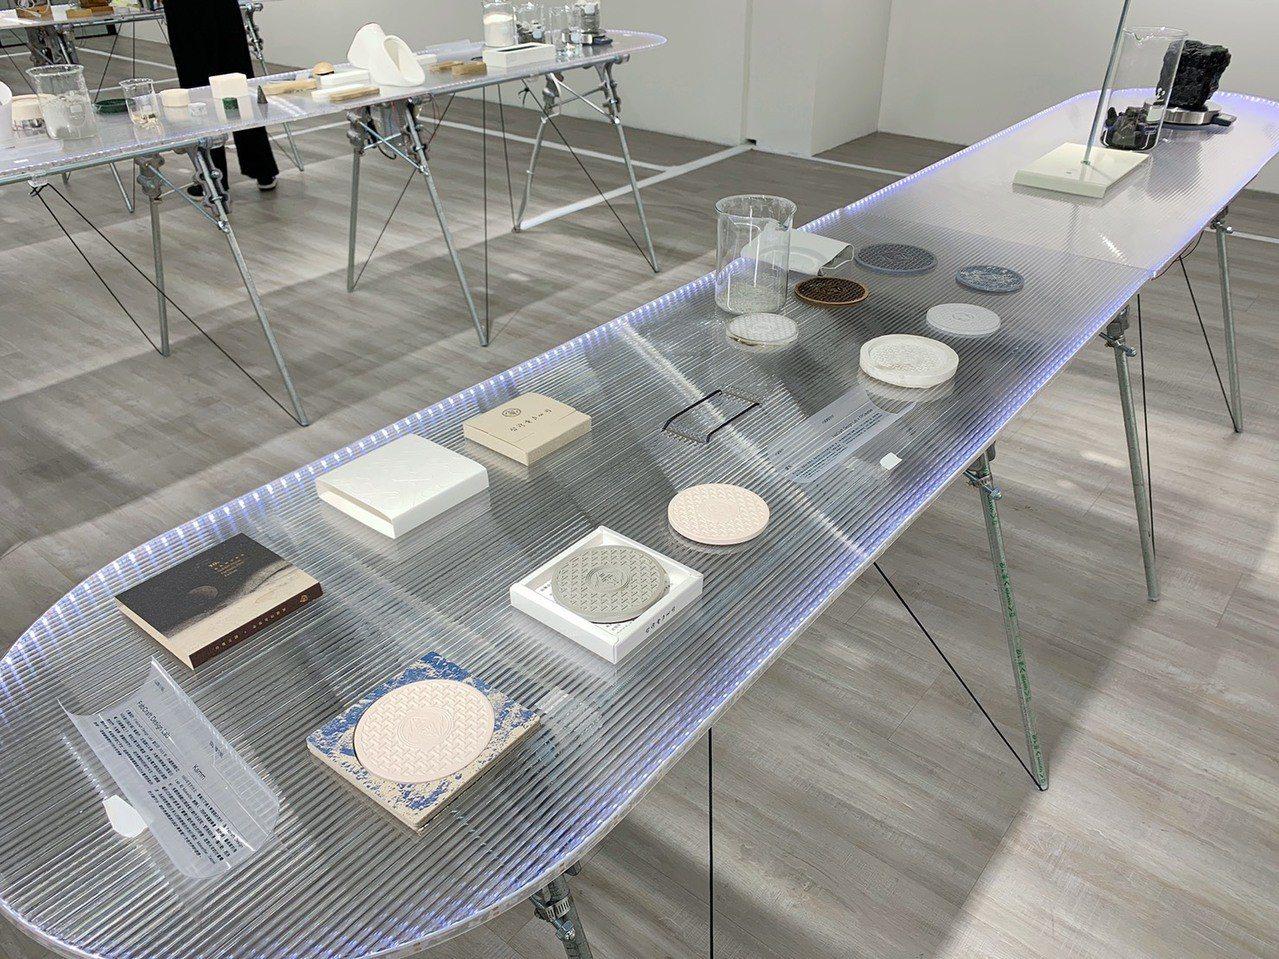 台電舉辦文創特展,秉持無一次性垃圾及再利用,產品展示台即以電線的拉線夾板作支撐架...